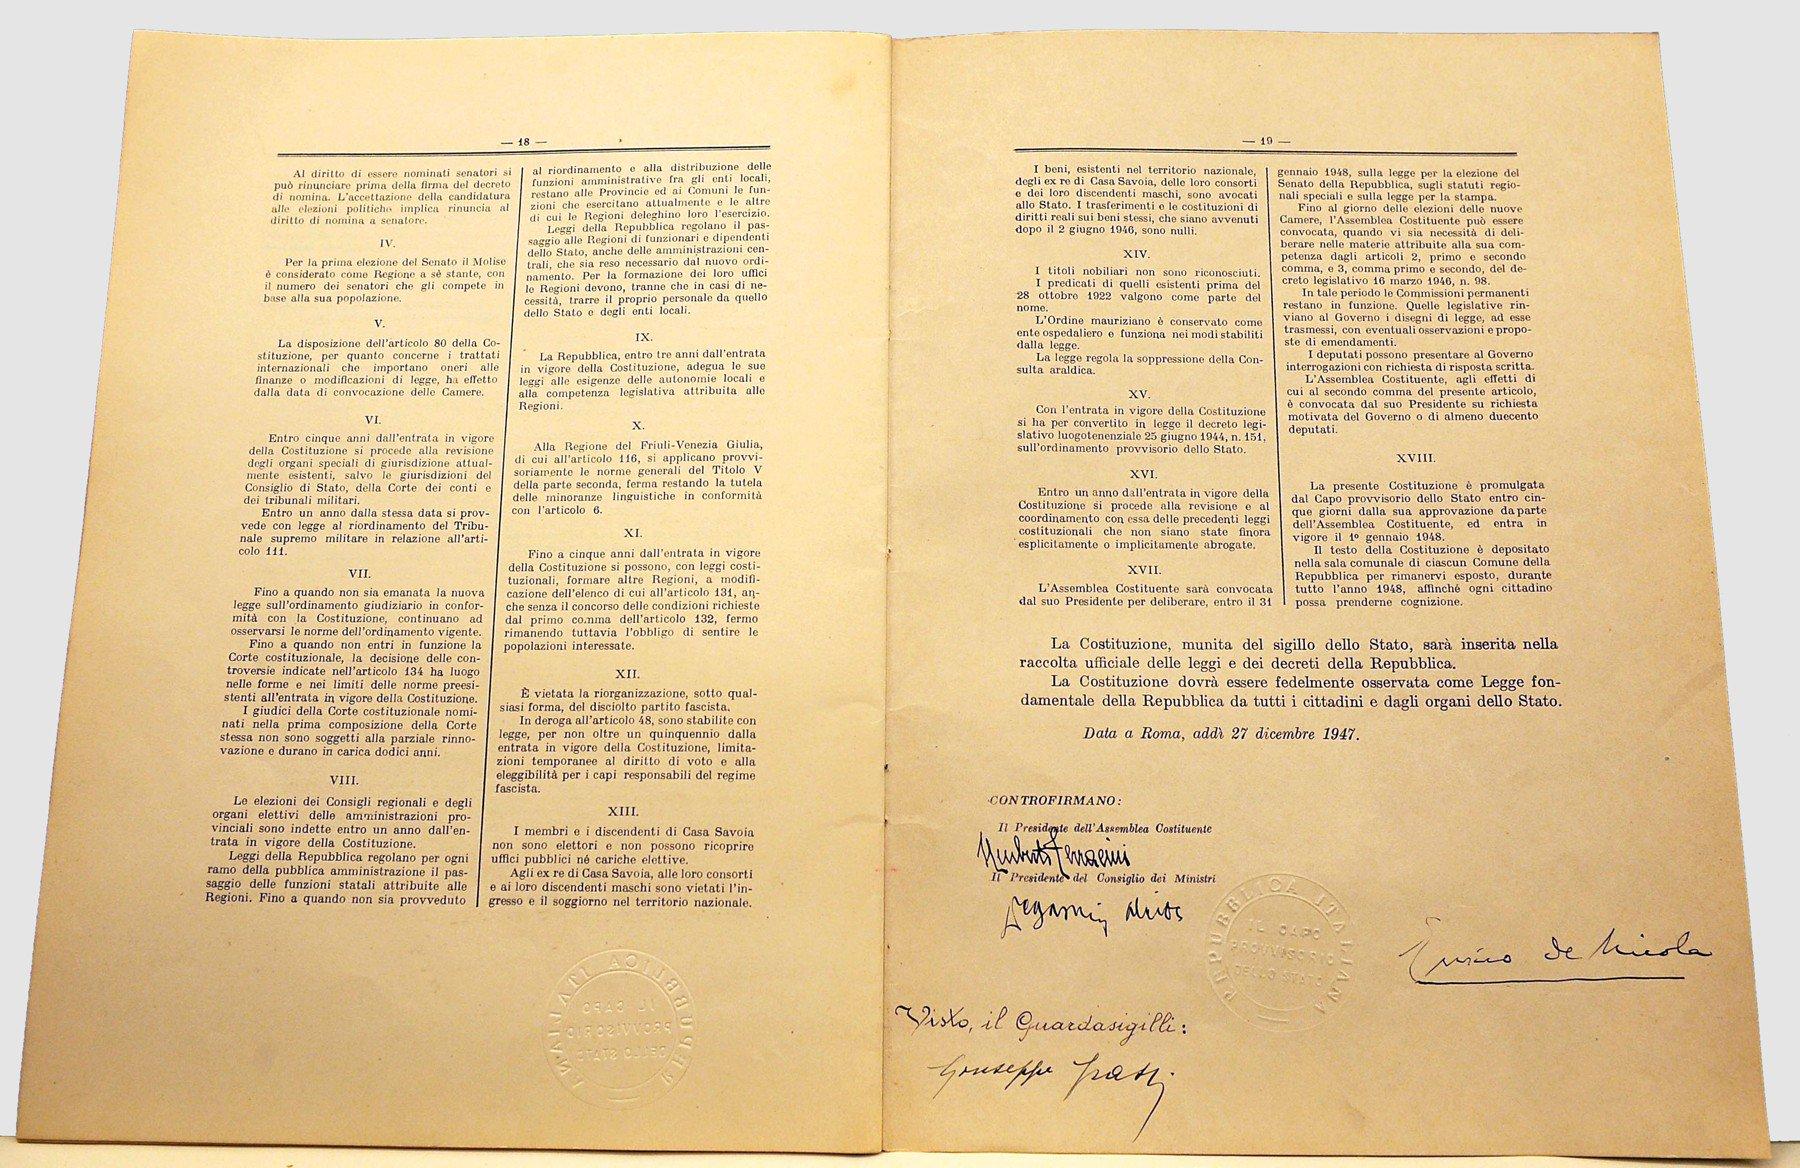 La #Costituzione della #Repubblica Italiana ���� scaricala dal sito del #Quirinale ��https://t.co/IA4te43H3X https://t.co/G2CHS1hrx0